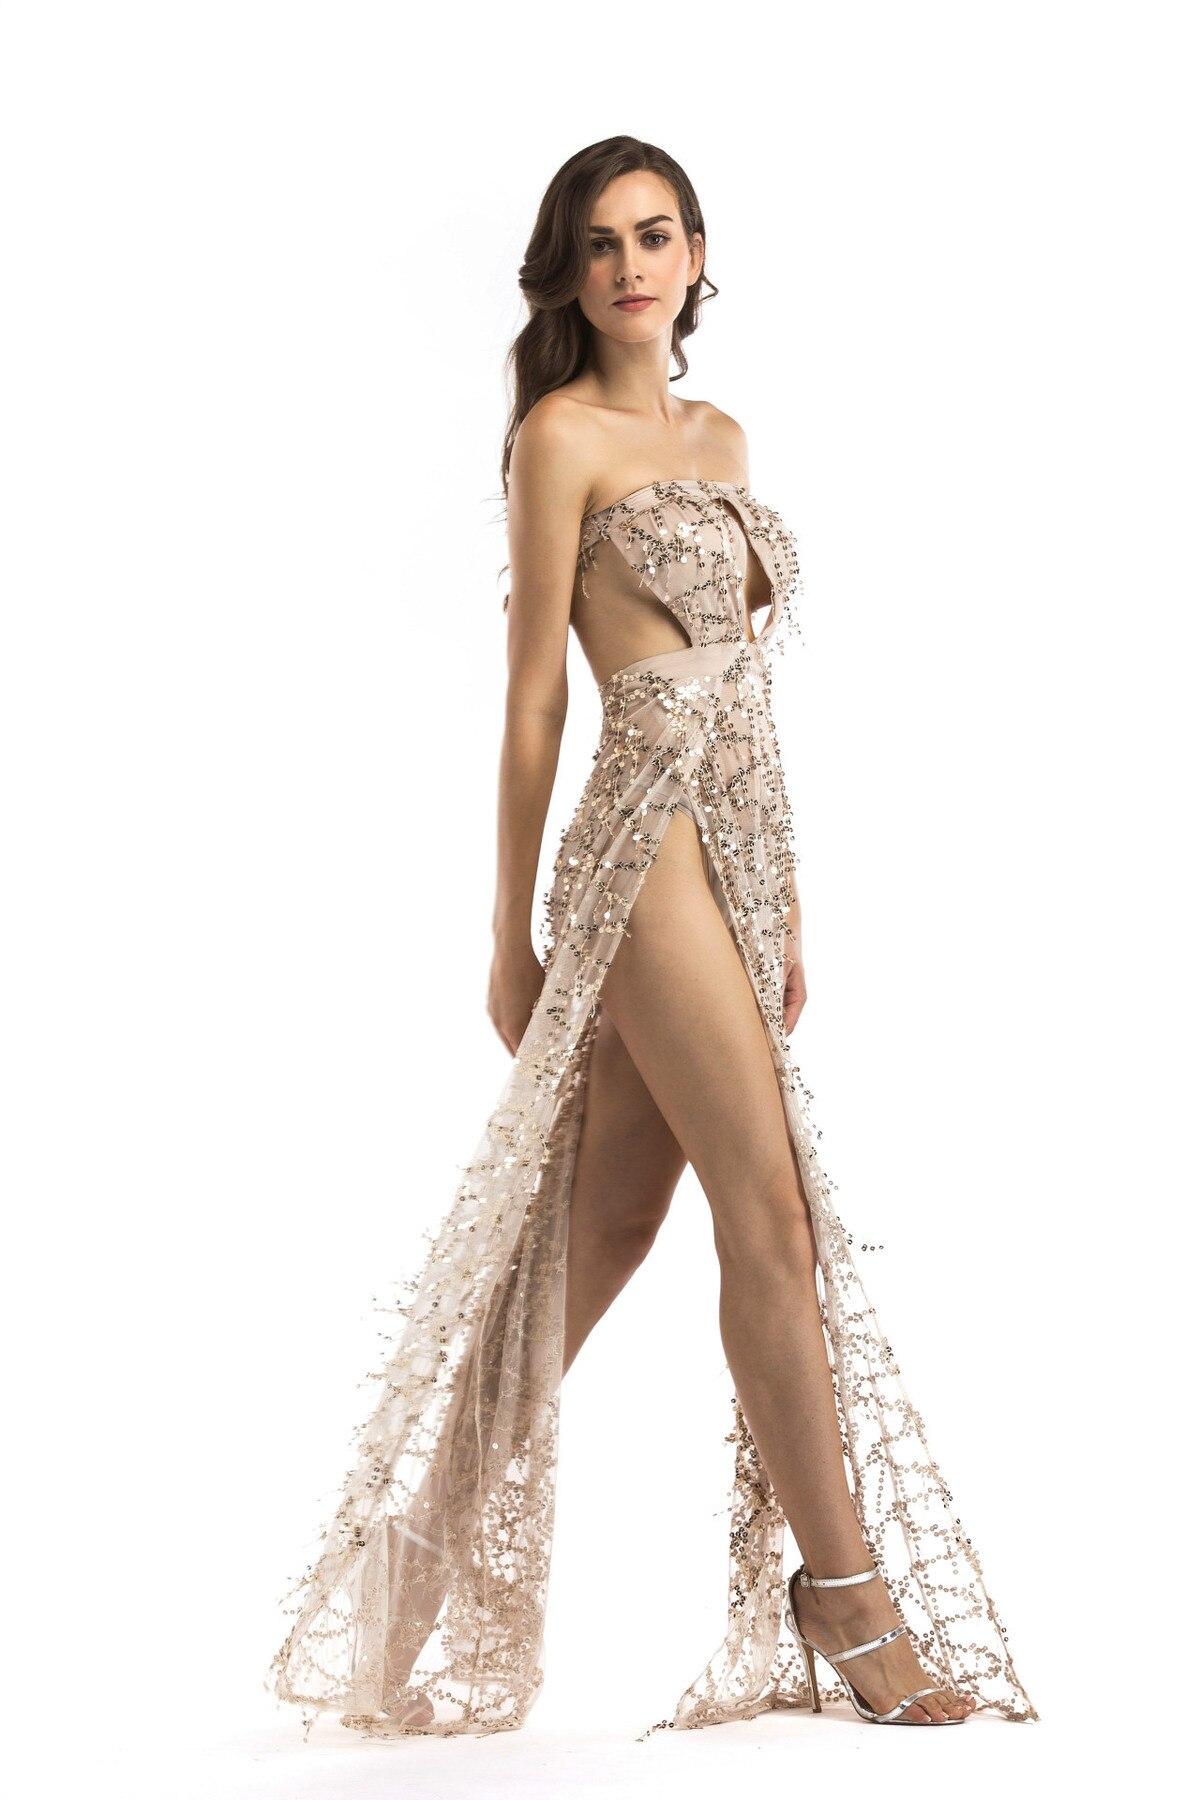 MUXU vestidos sexy transparent backless sequin dress glitter summer ... 80eb3725a94e